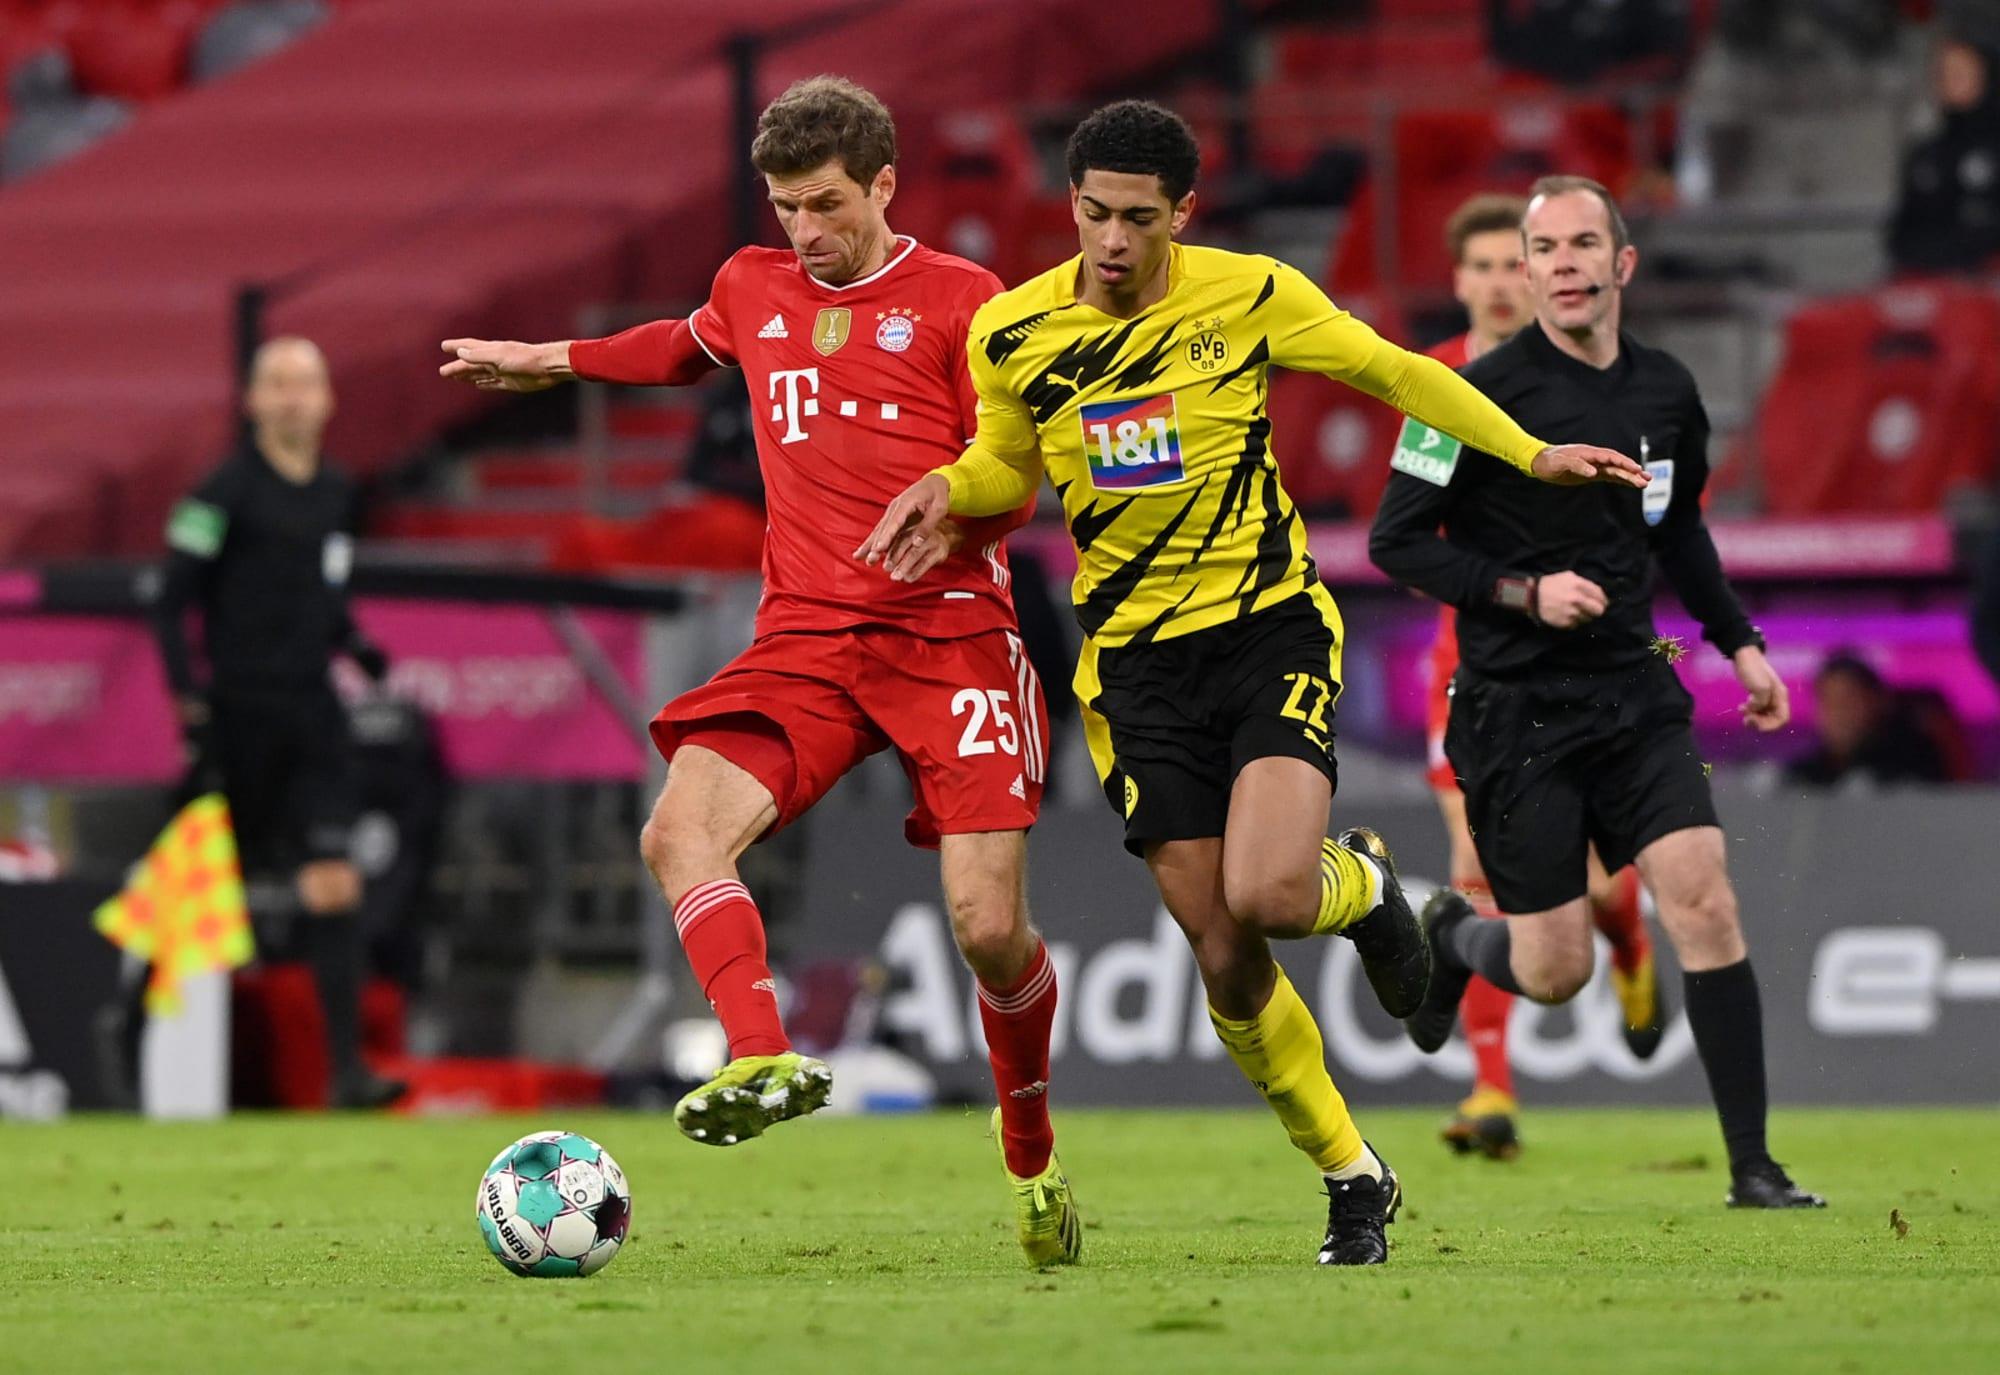 Watch Borussia Dortmund vs Bayern Munich: Live Stream, TV info DFL-Supercup clash